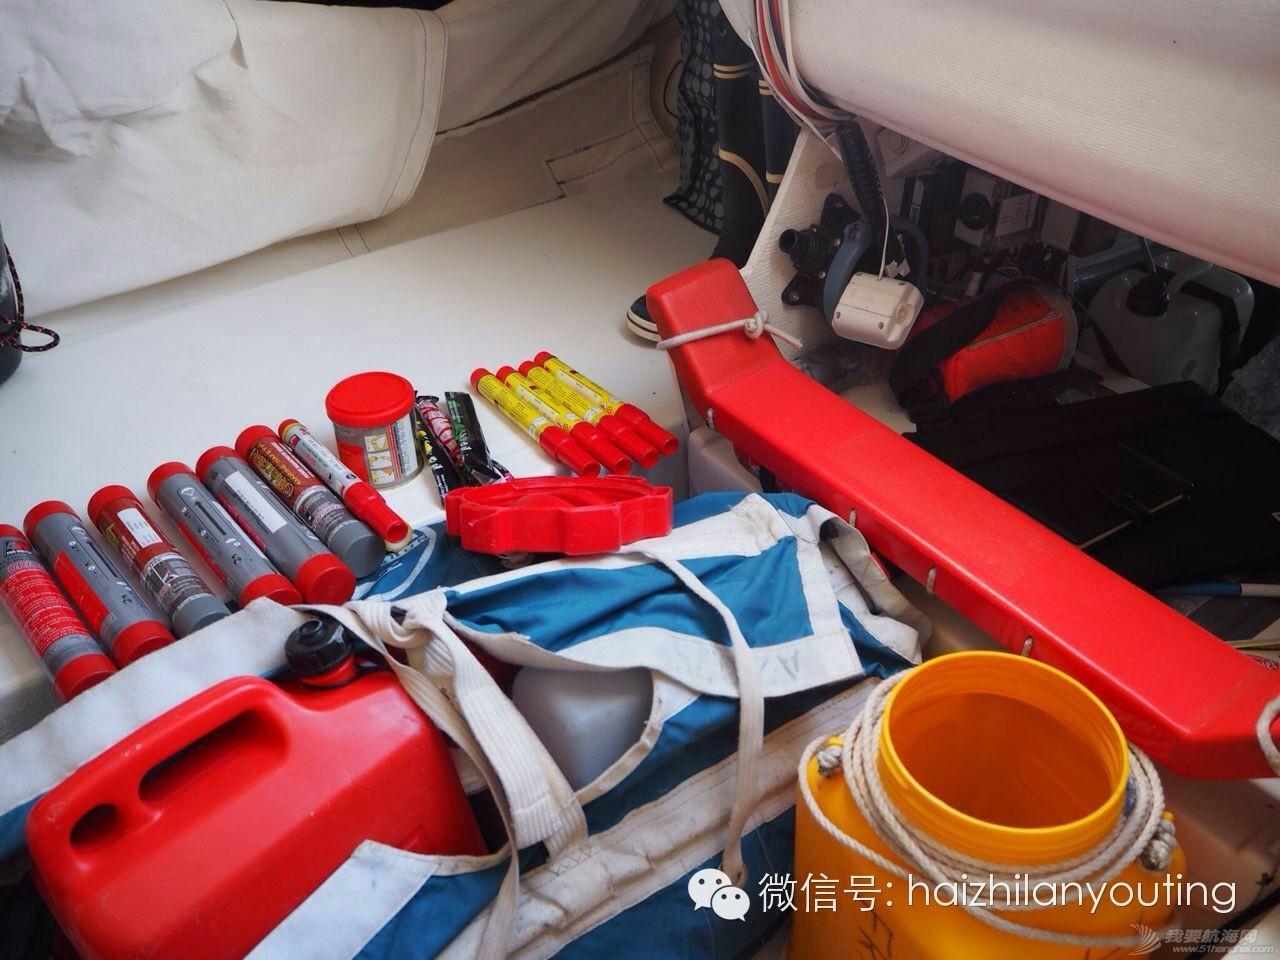 """通讯设备,国际帆联,航海技术,大西洋,培训机构,通讯设备,国际帆联,航海技术,大西洋,培训机构 徐京坤的新梦想----参加2015年""""MINI TRANSAT 650级别单人横渡大西洋帆船赛"""". 0aebac7592c4919bab93f1a8025a97e0.jpg"""